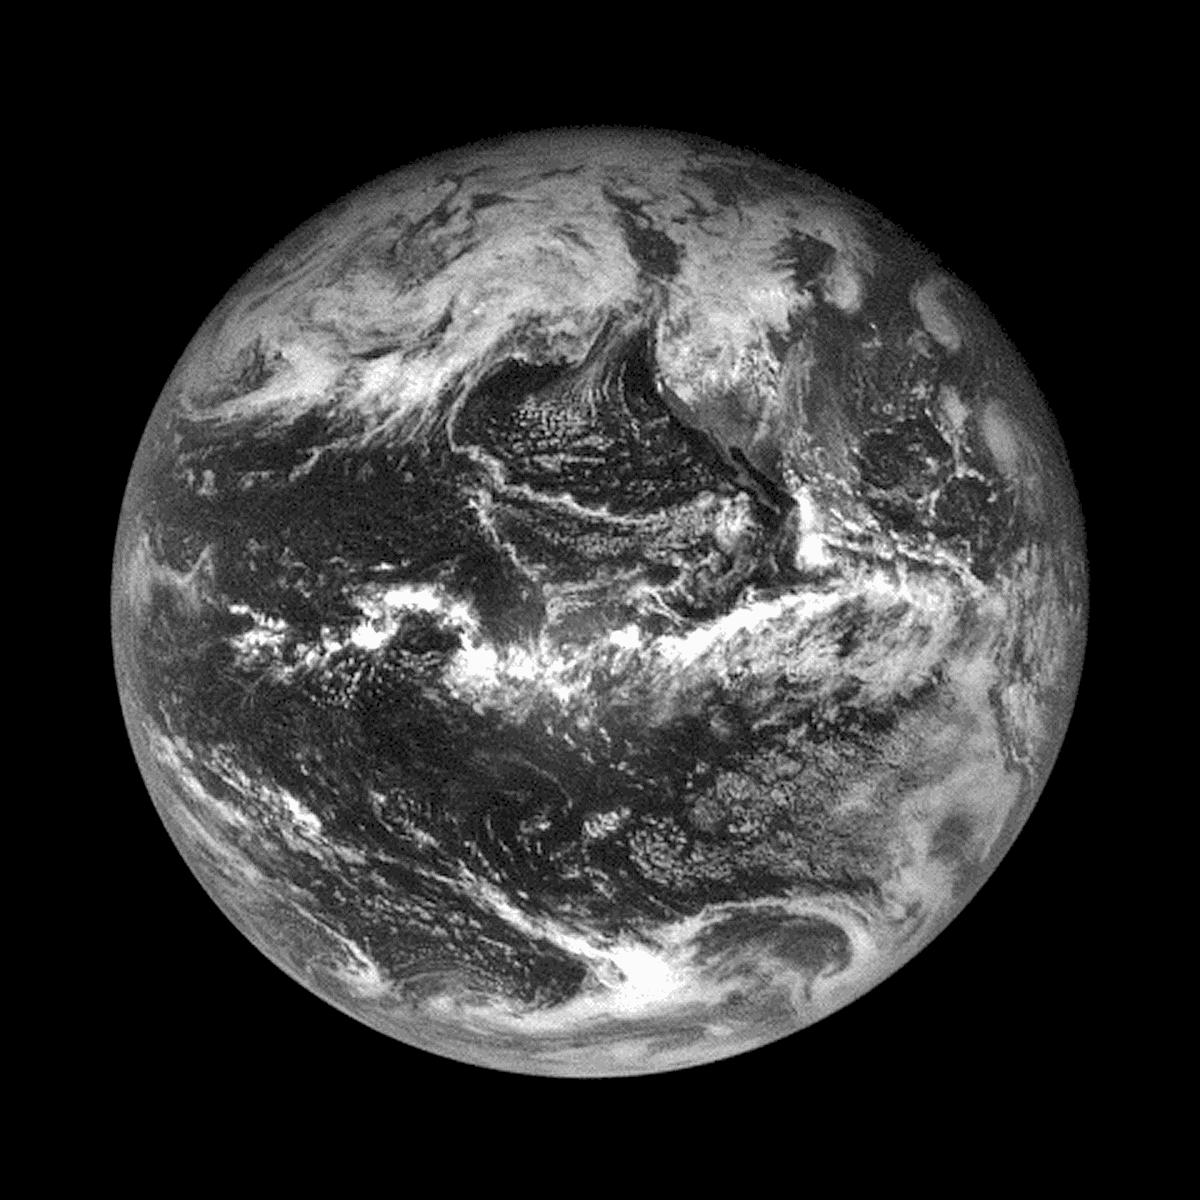 OSIRIS-REx images